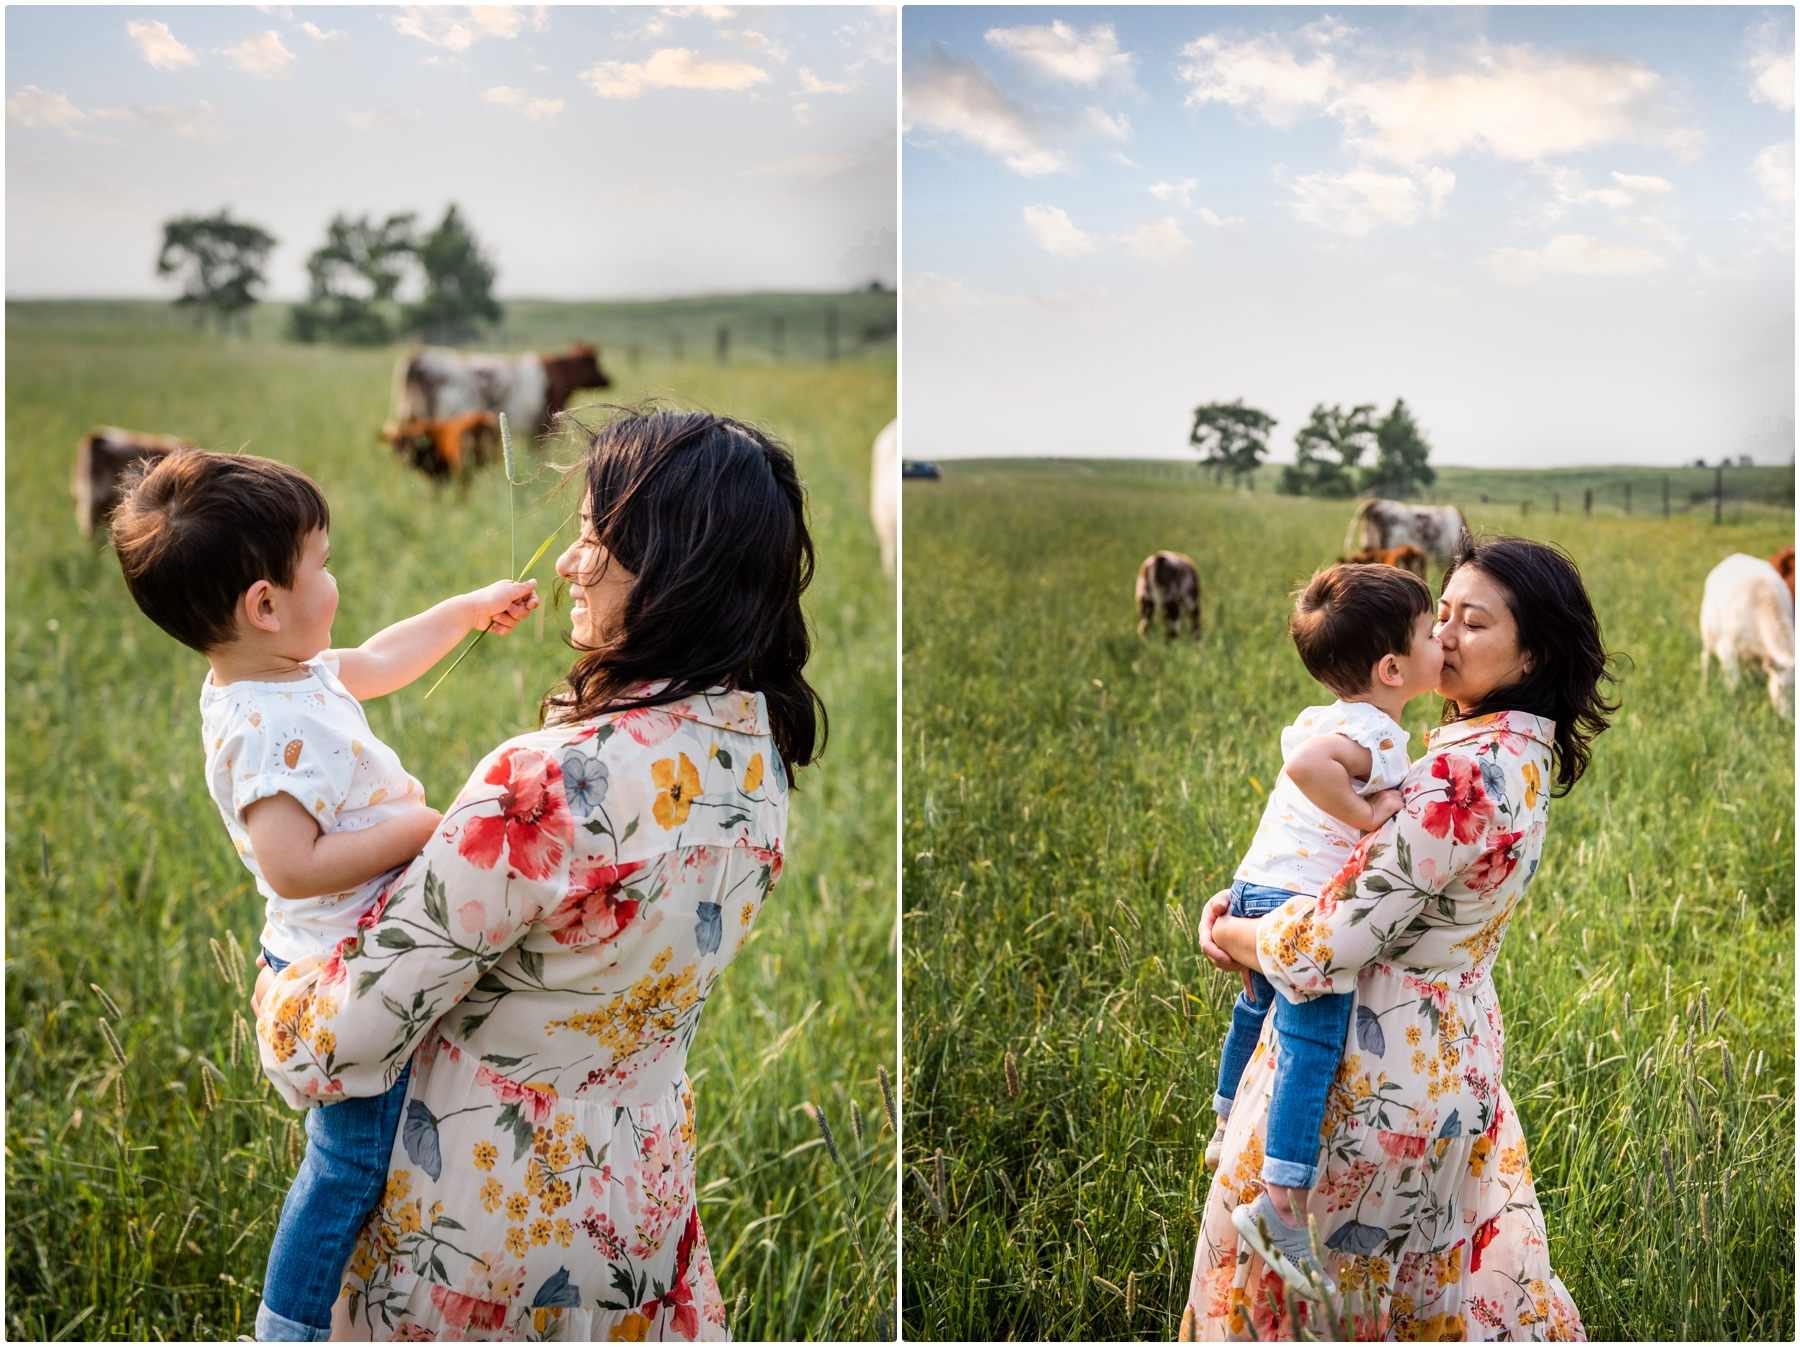 Farm Family Photographers Calgary